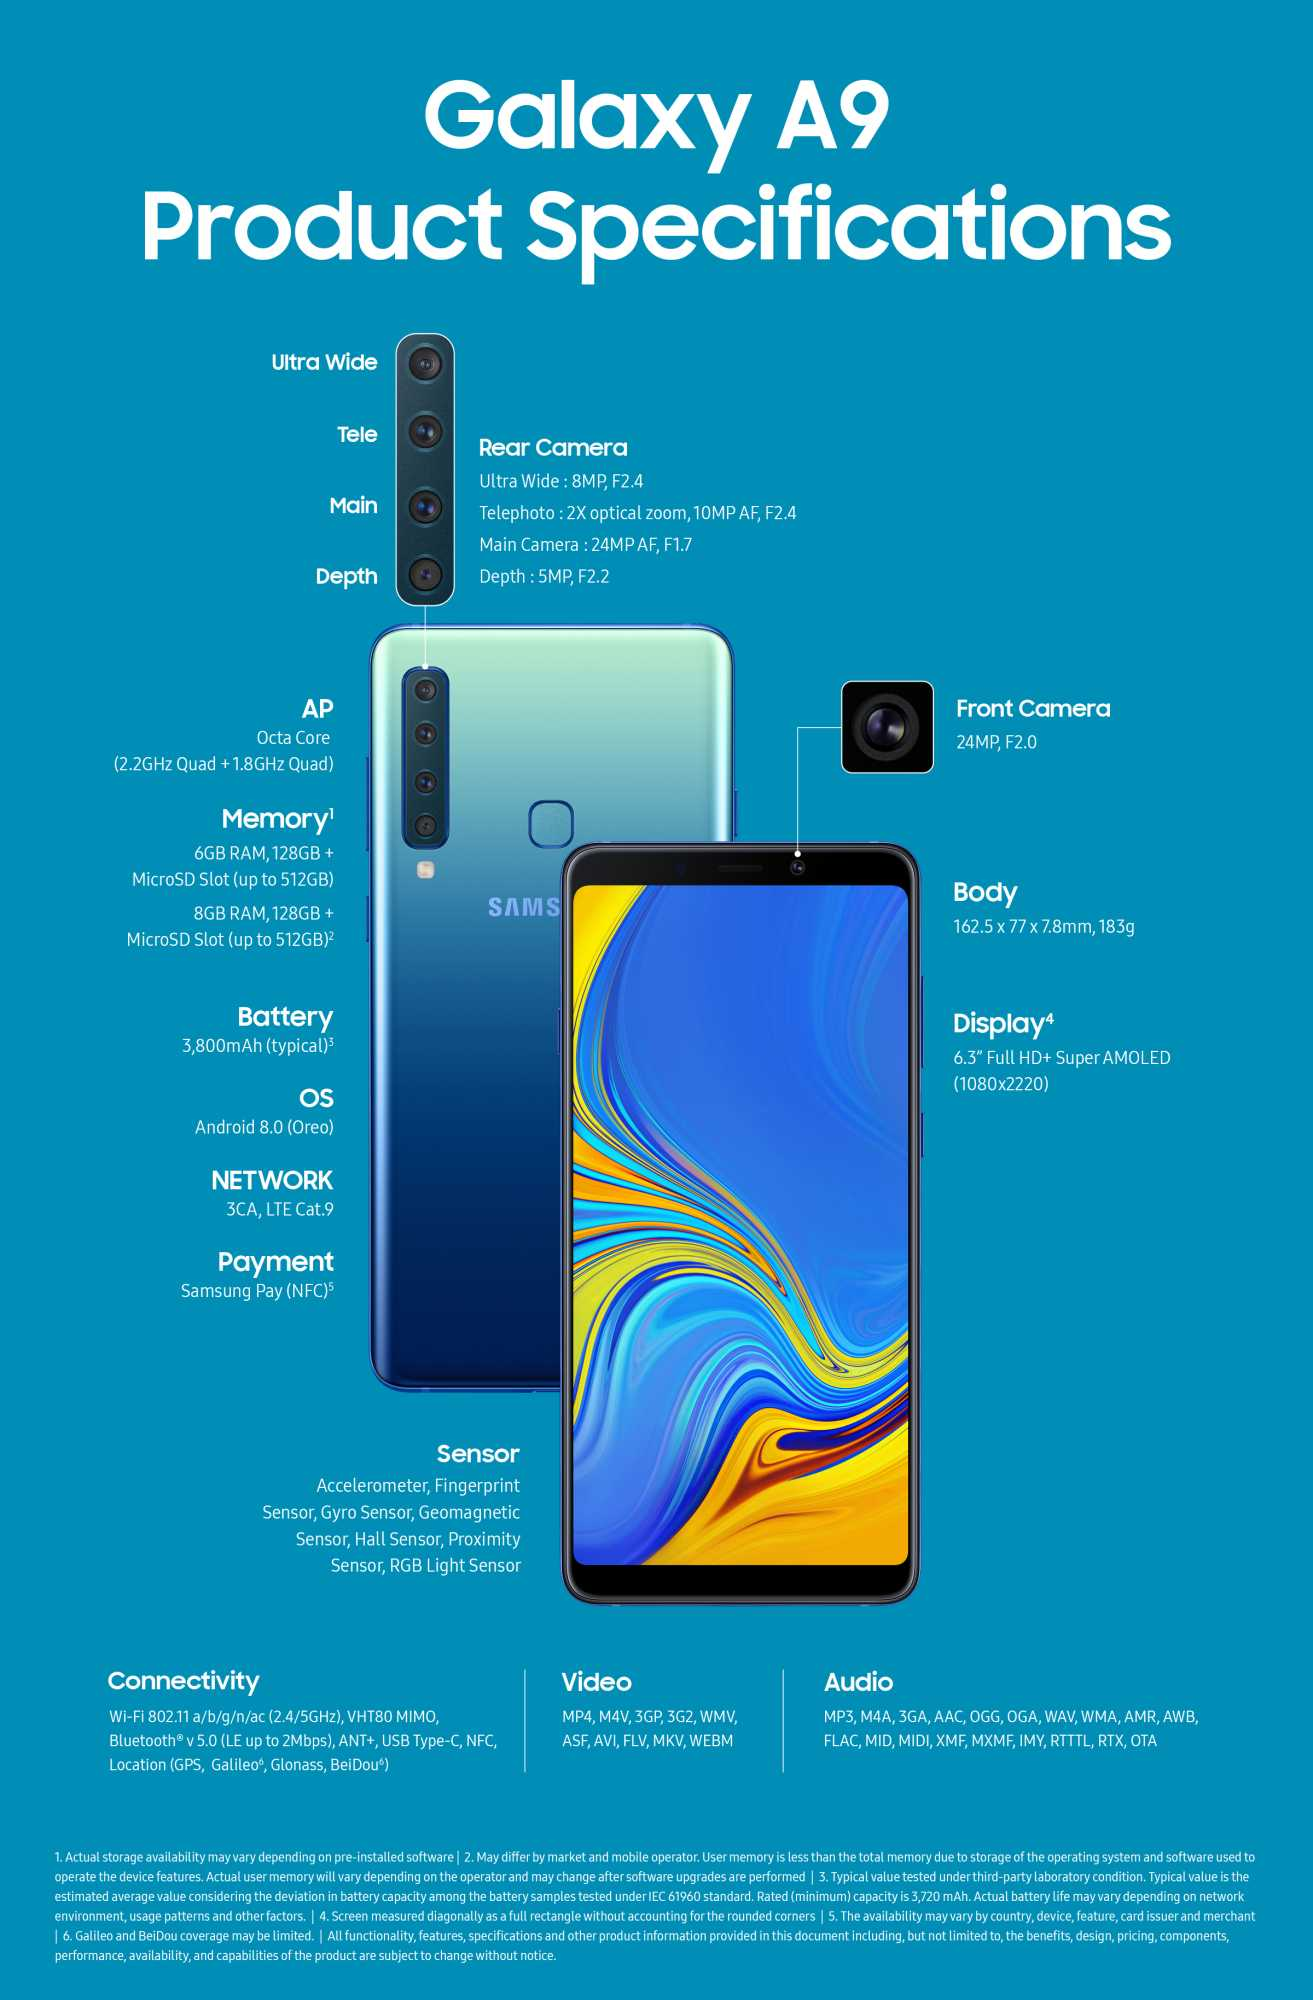 Die Ausstattung des Galaxy A9 in der